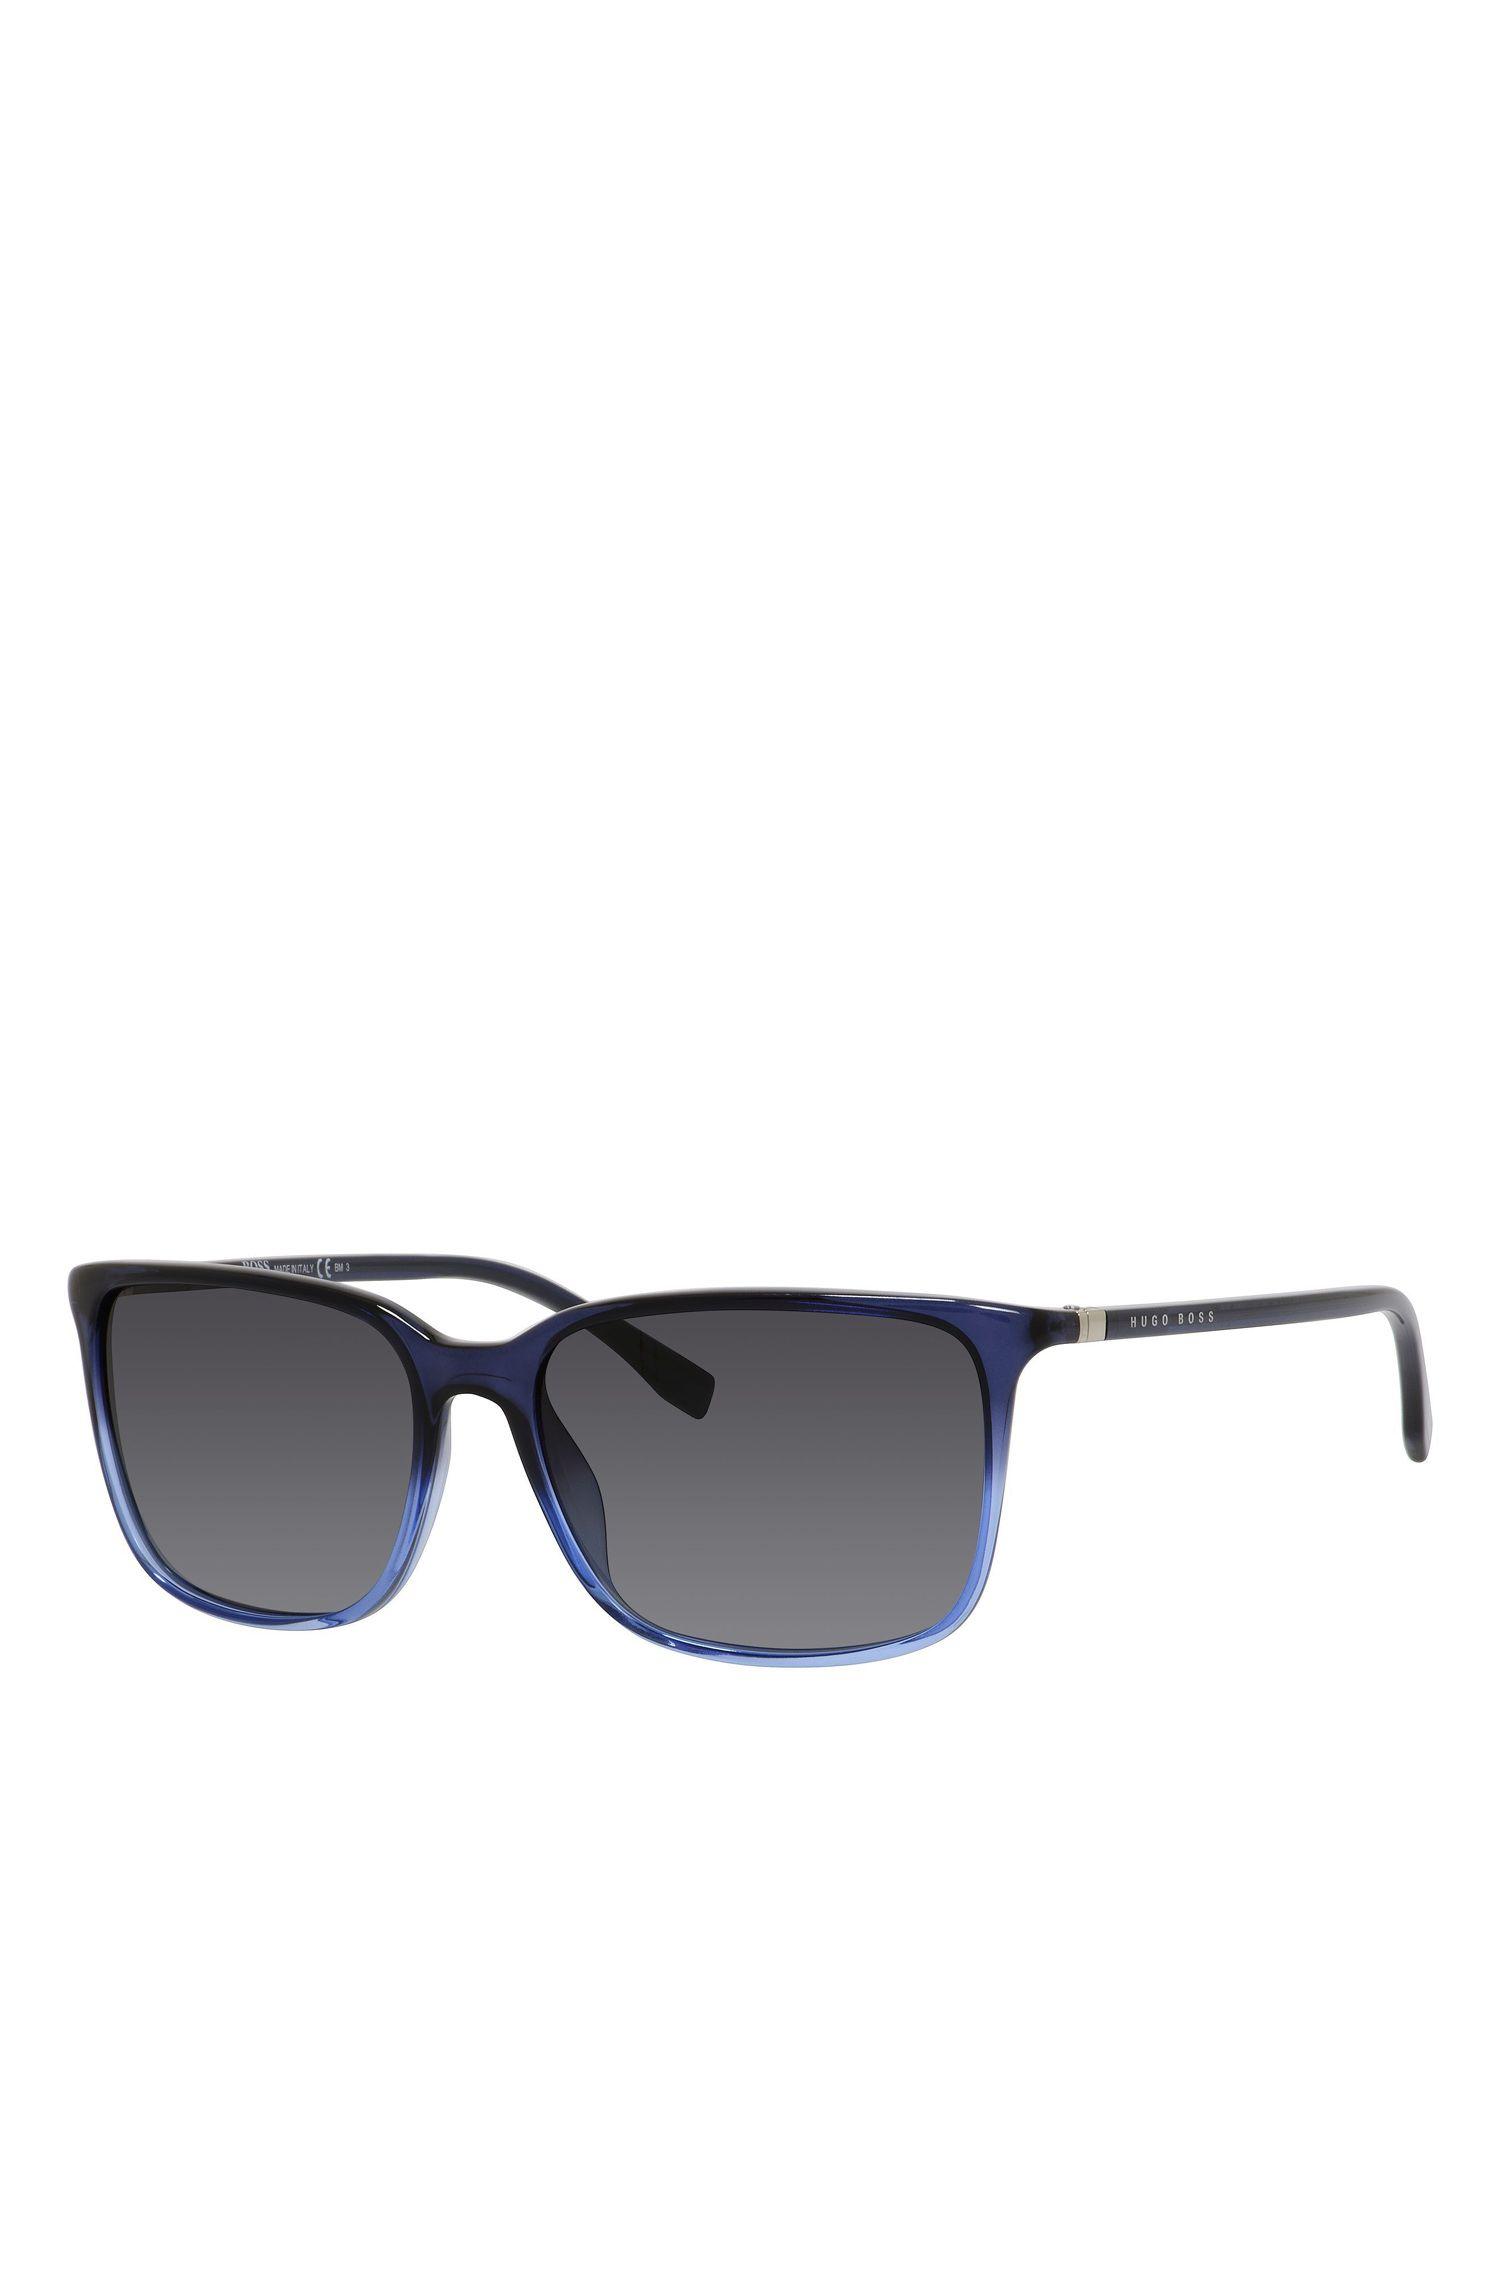 'BOSS 0666S' | Gradient Lens Rectangular Sunglasses